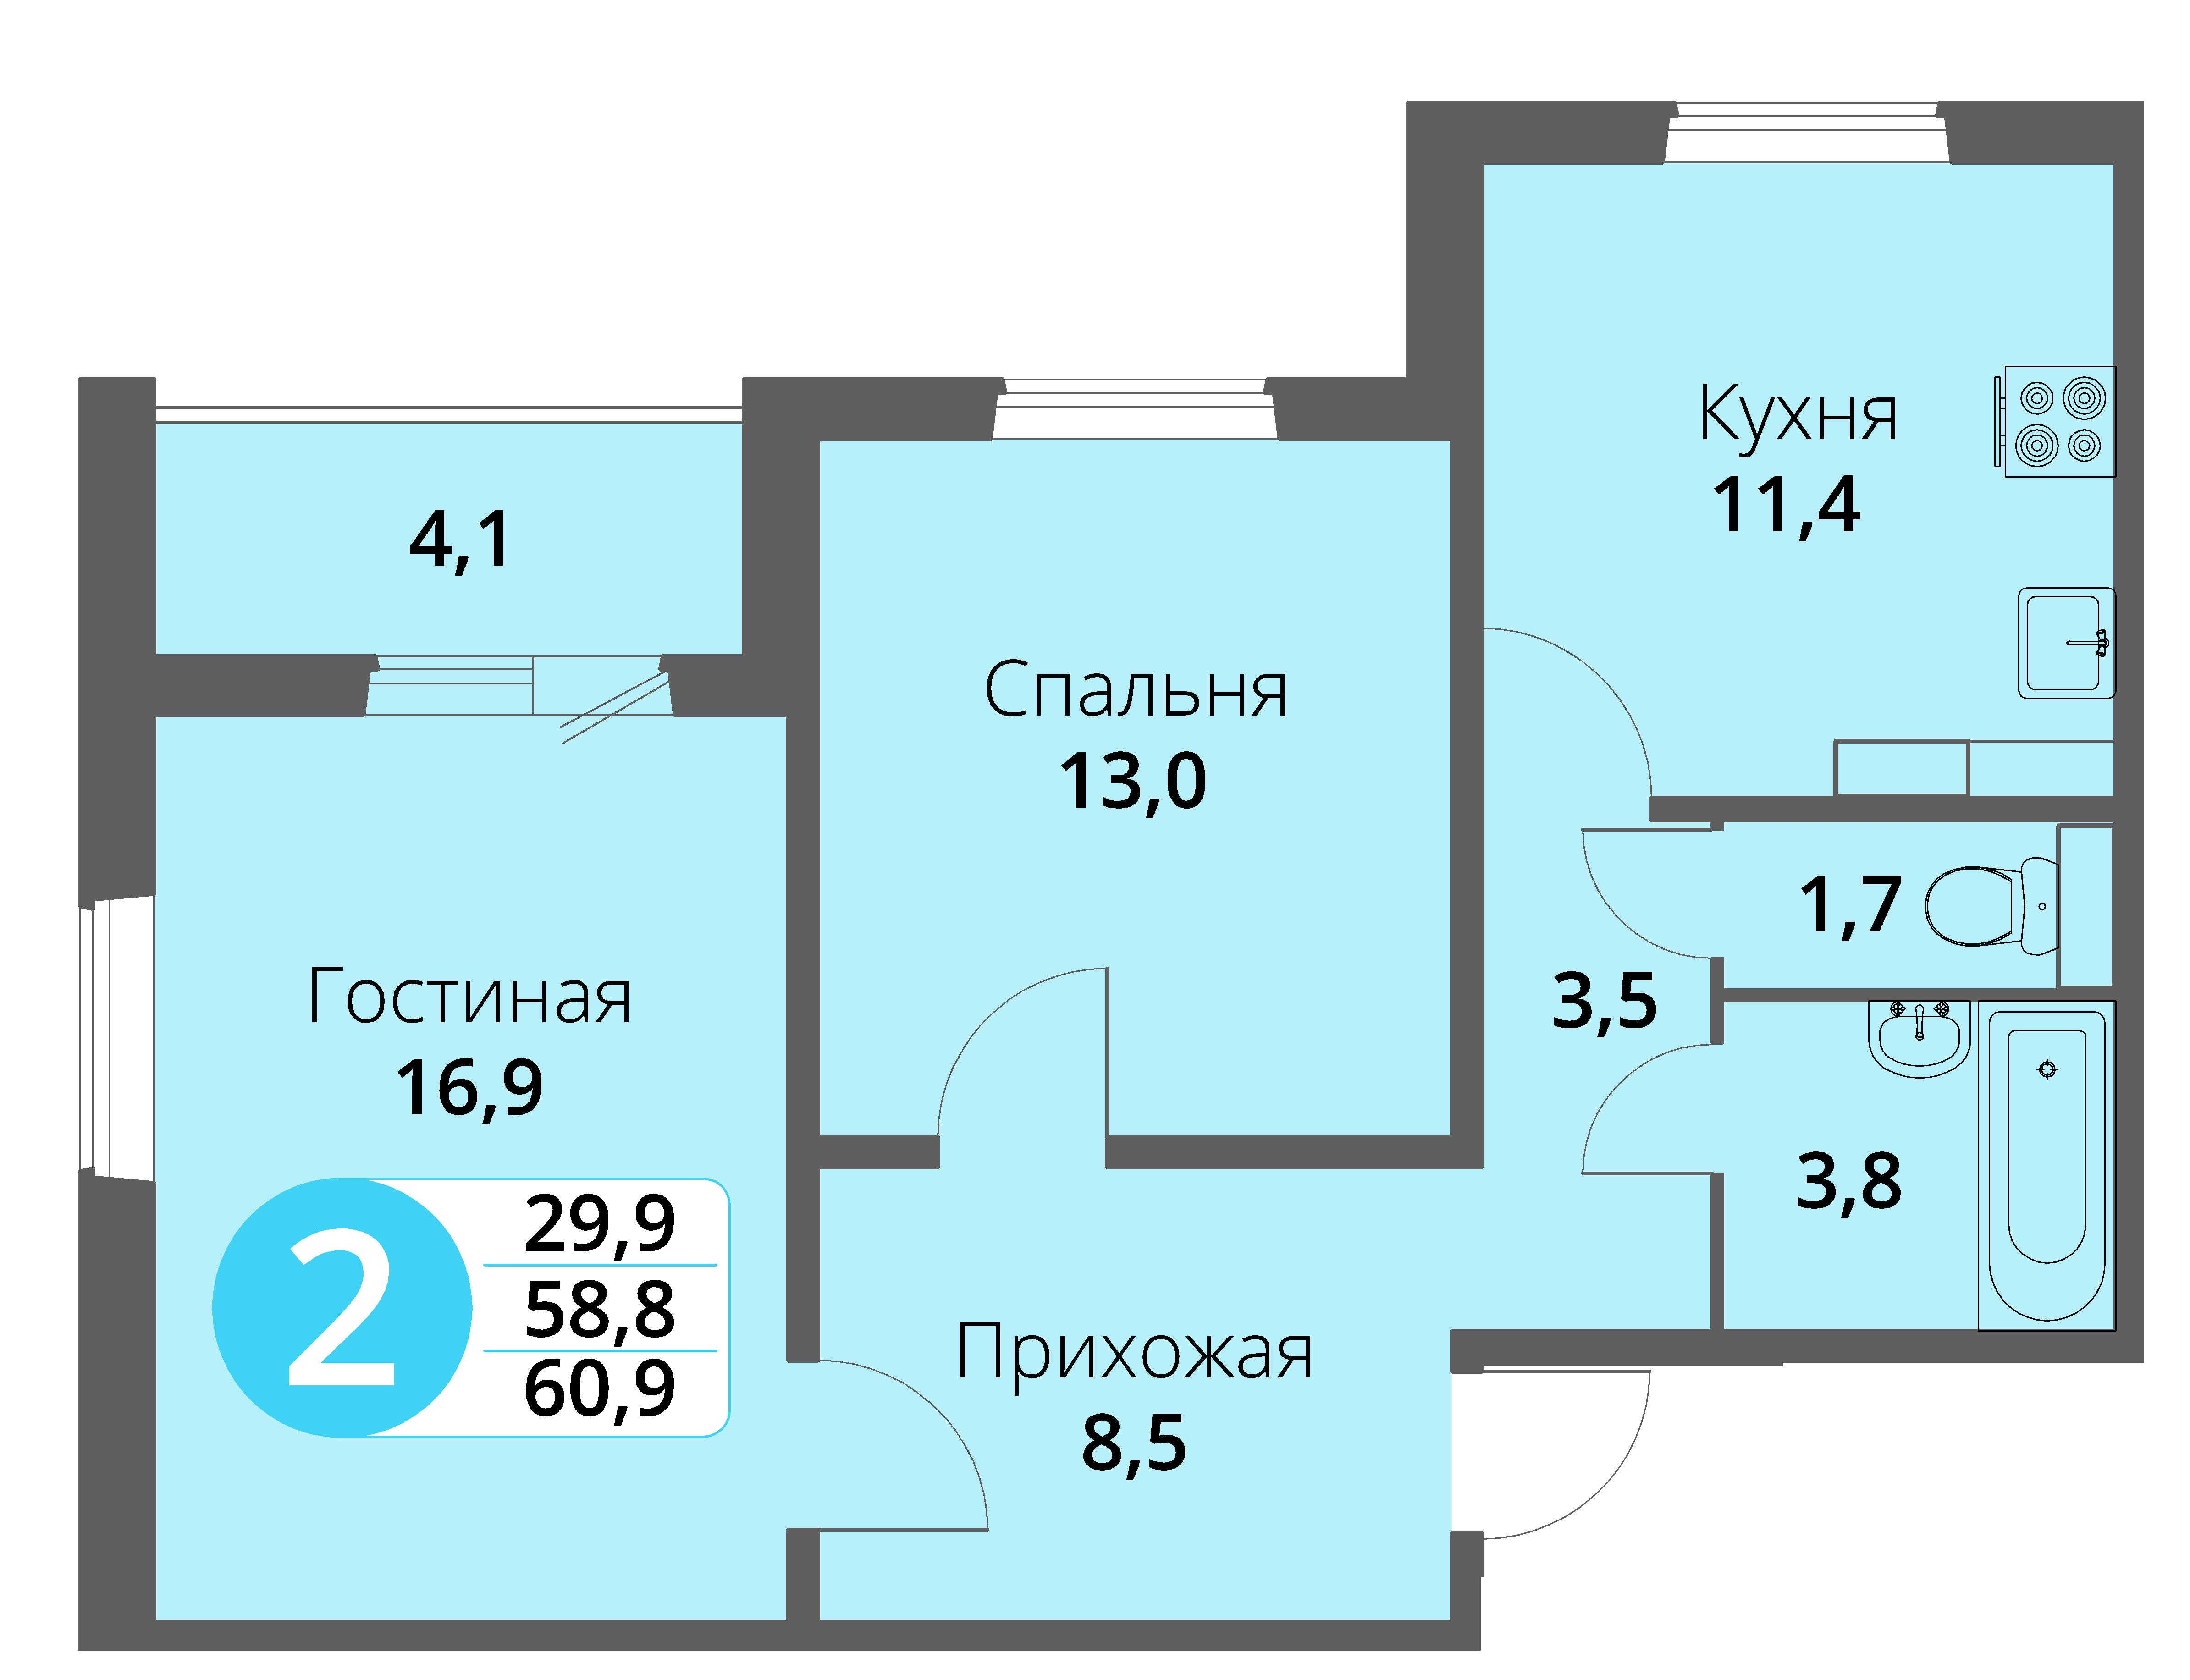 Зареченская 1-1, квартира 105 - Двухкомнатная